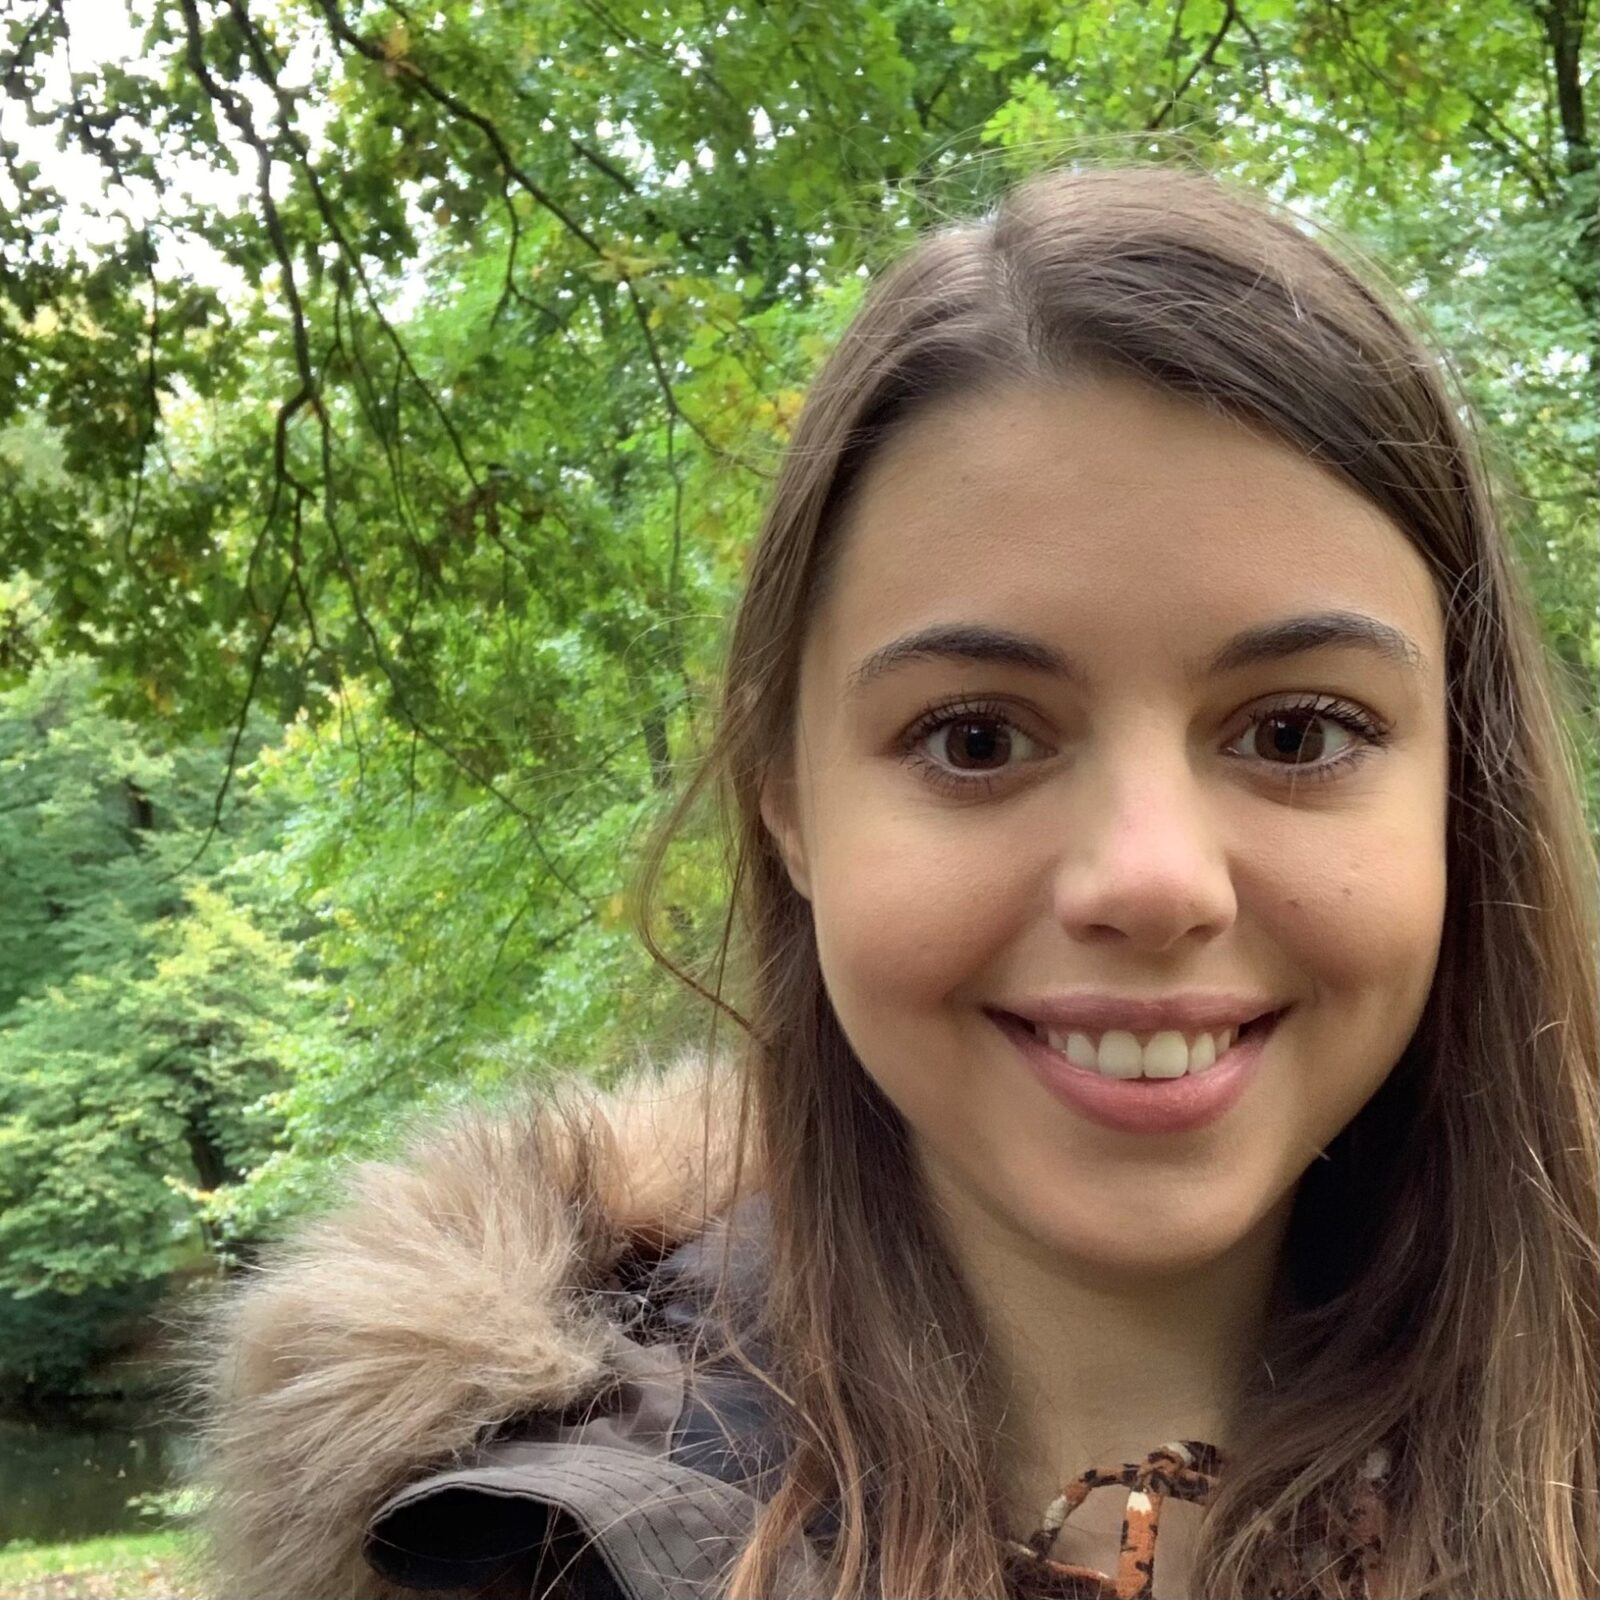 Tessa pasfoto (EM)